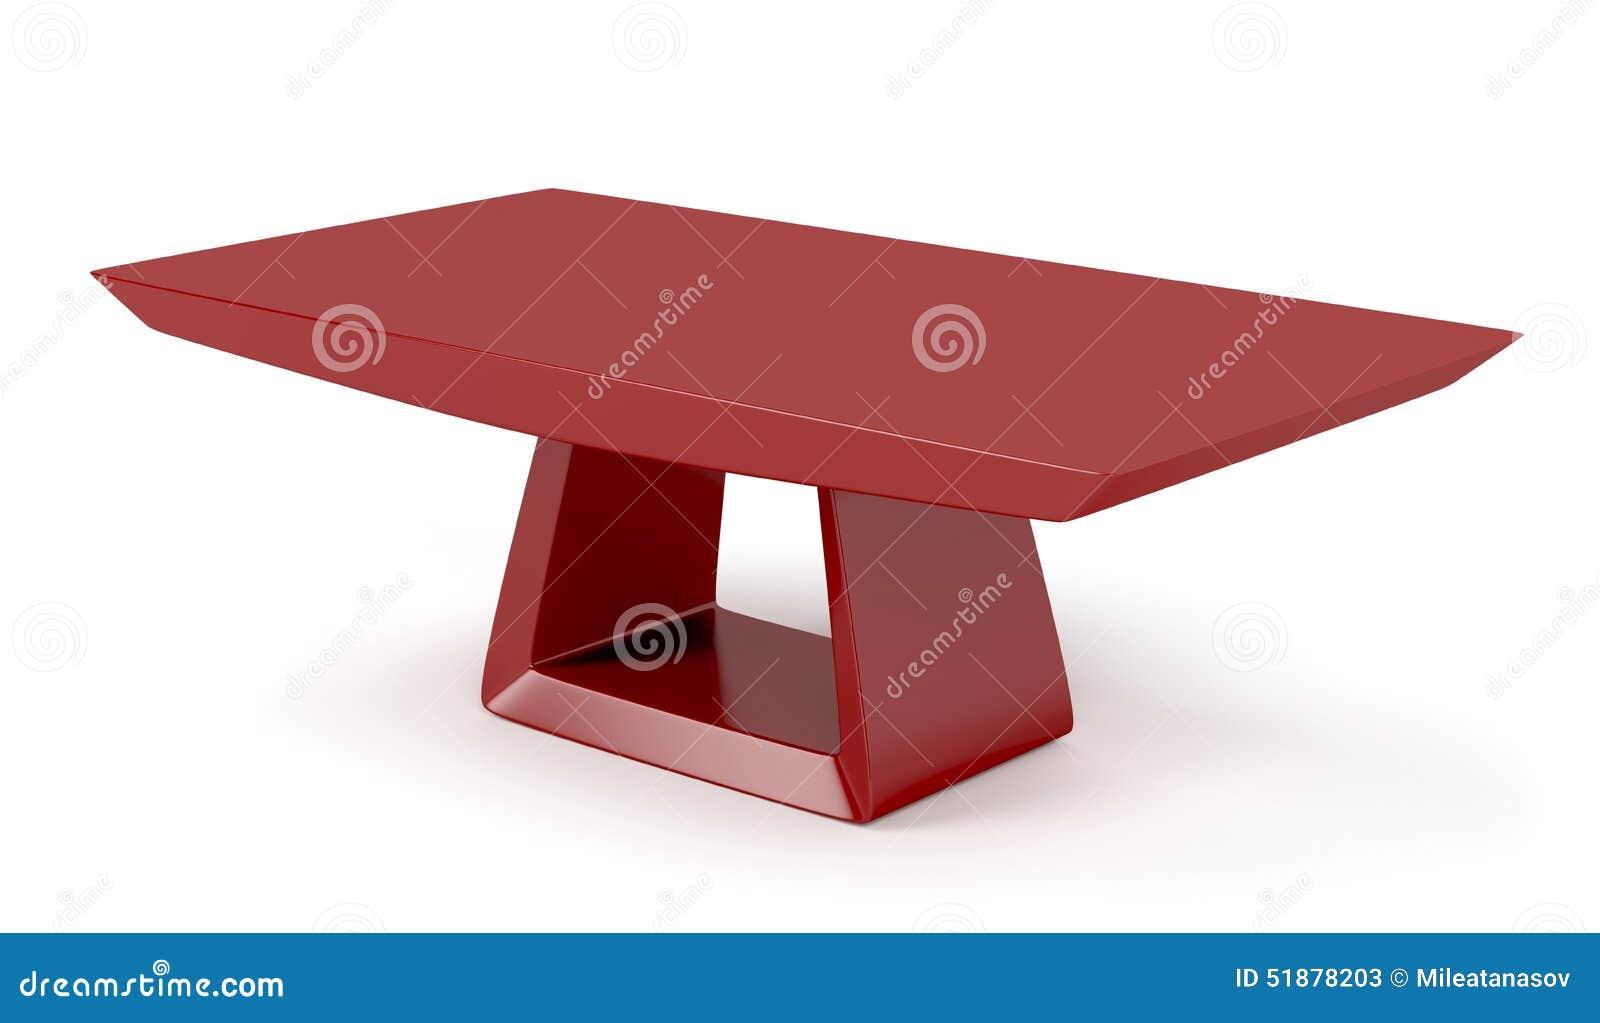 Tavolino Da Soggiorno Rosso.Tavolino Da Salotto Alla Moda Rosso Illustrazione Di Stock